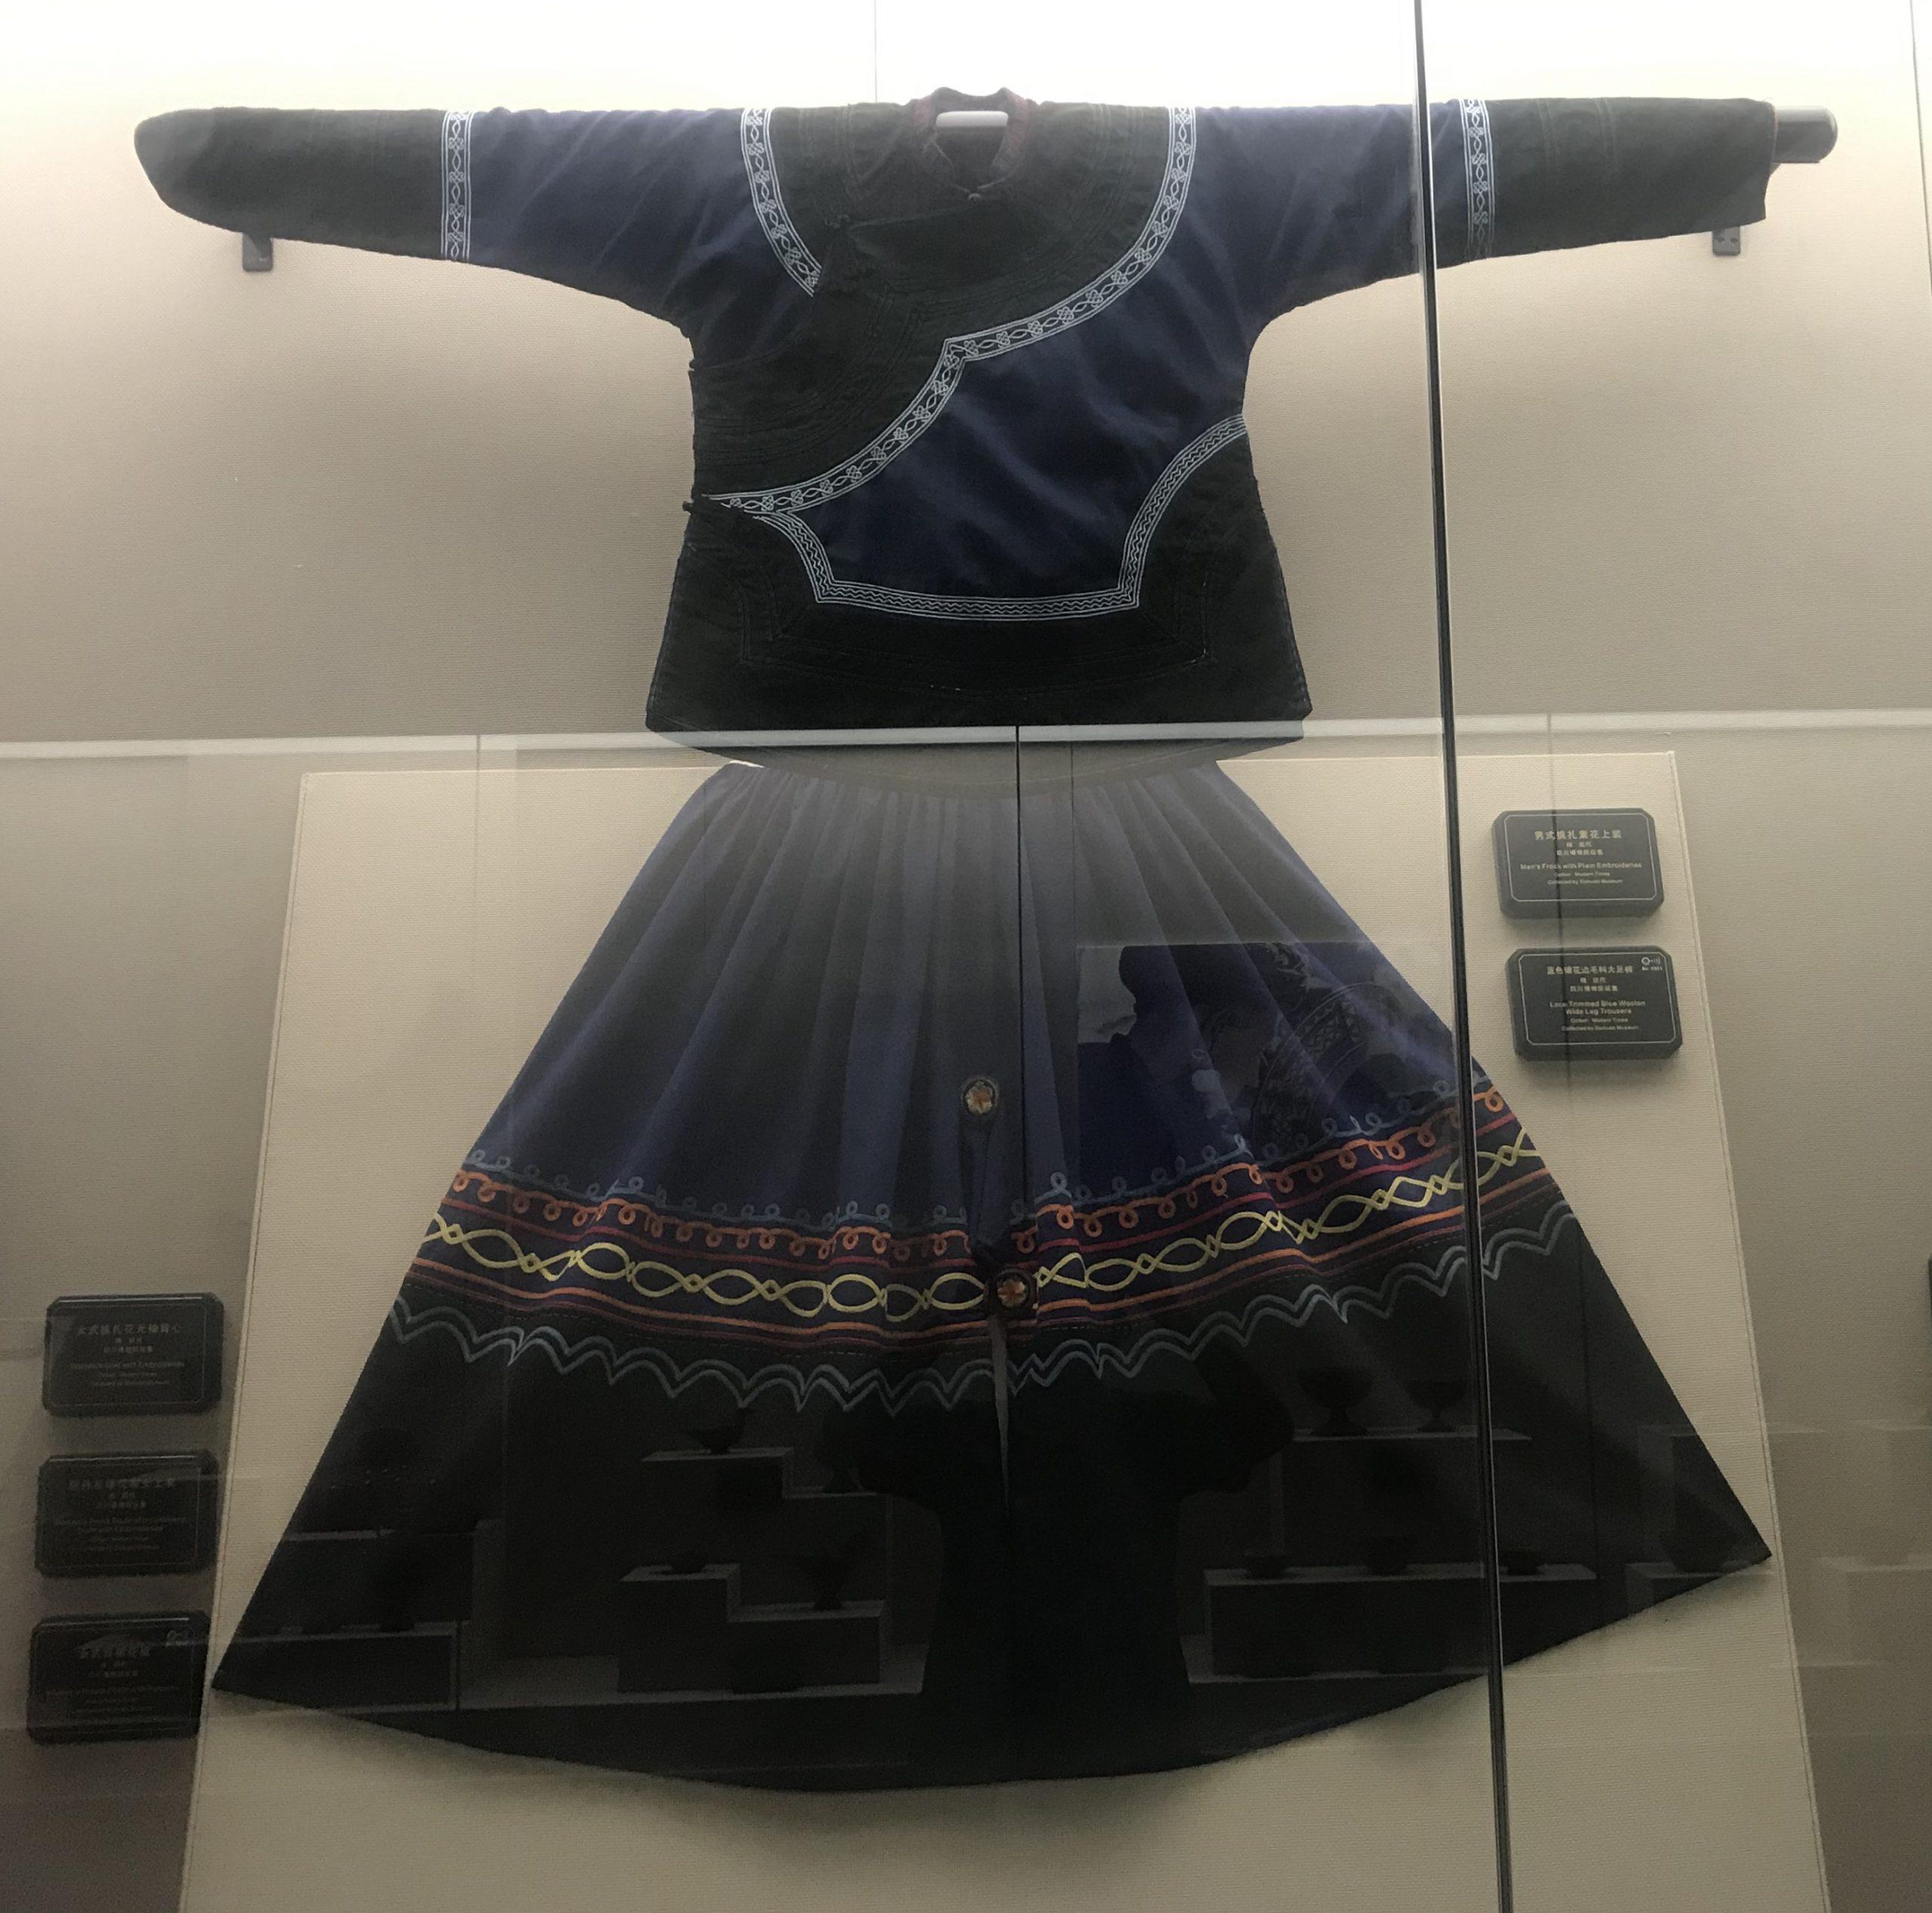 藍色鑲花邊毛料大足褲-男式挑紮素上着-彜族衣装-四川民族文物館-四川博物館-成都